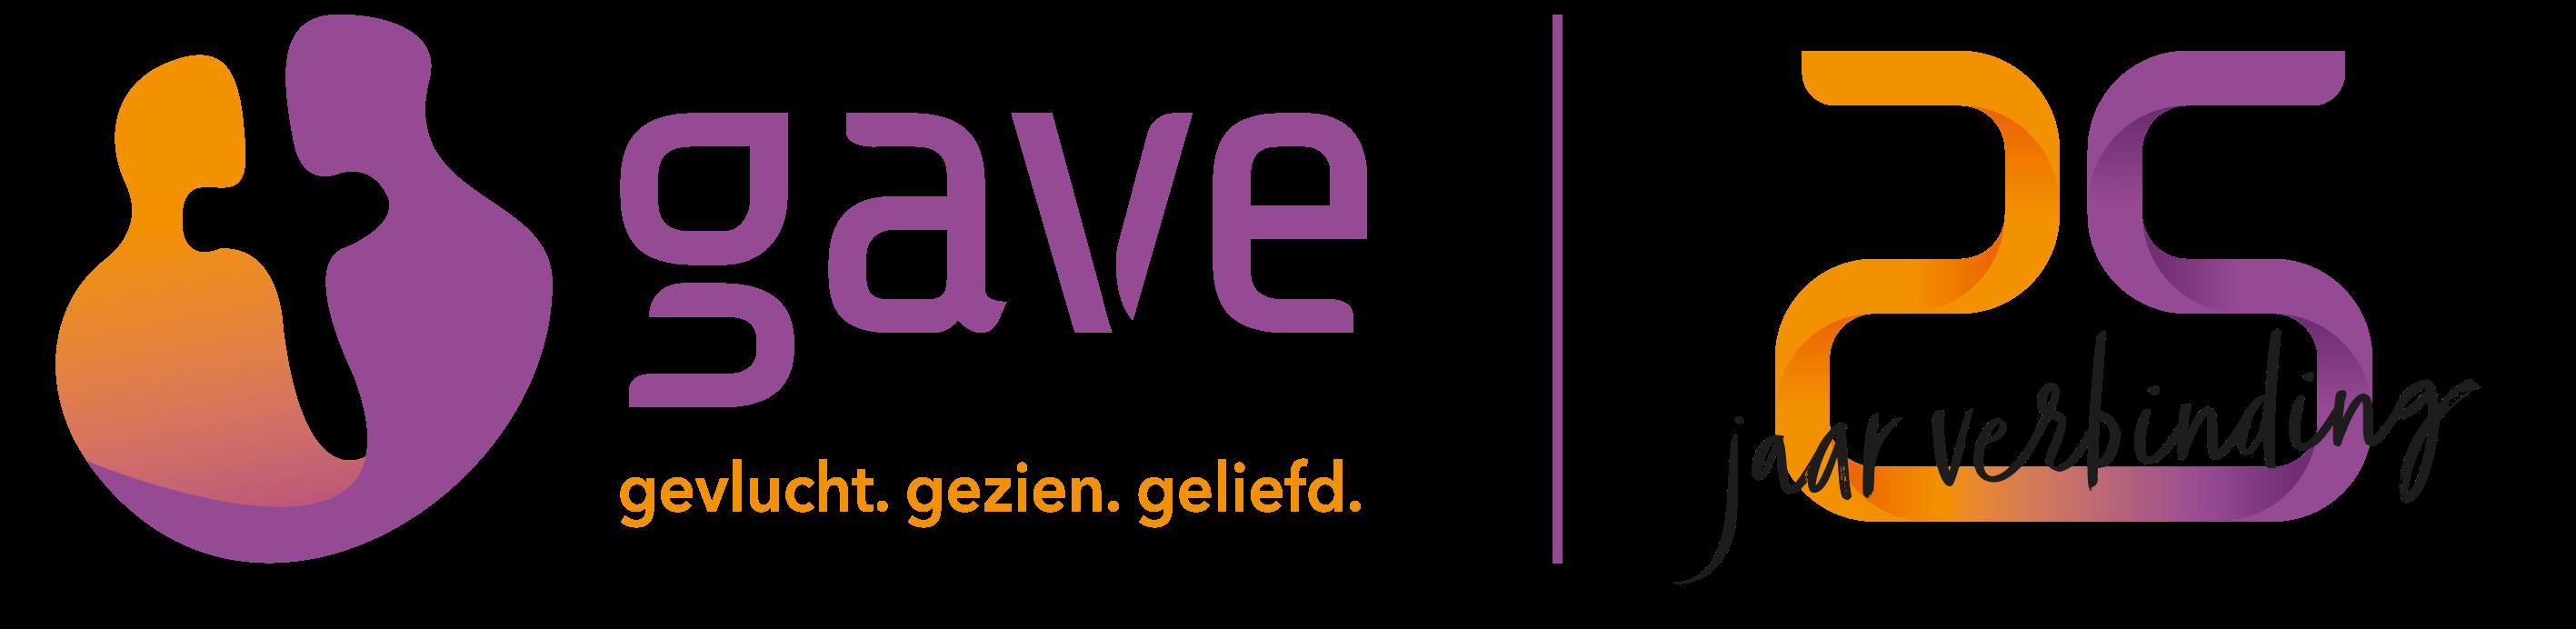 Gave Activiteiten Logo